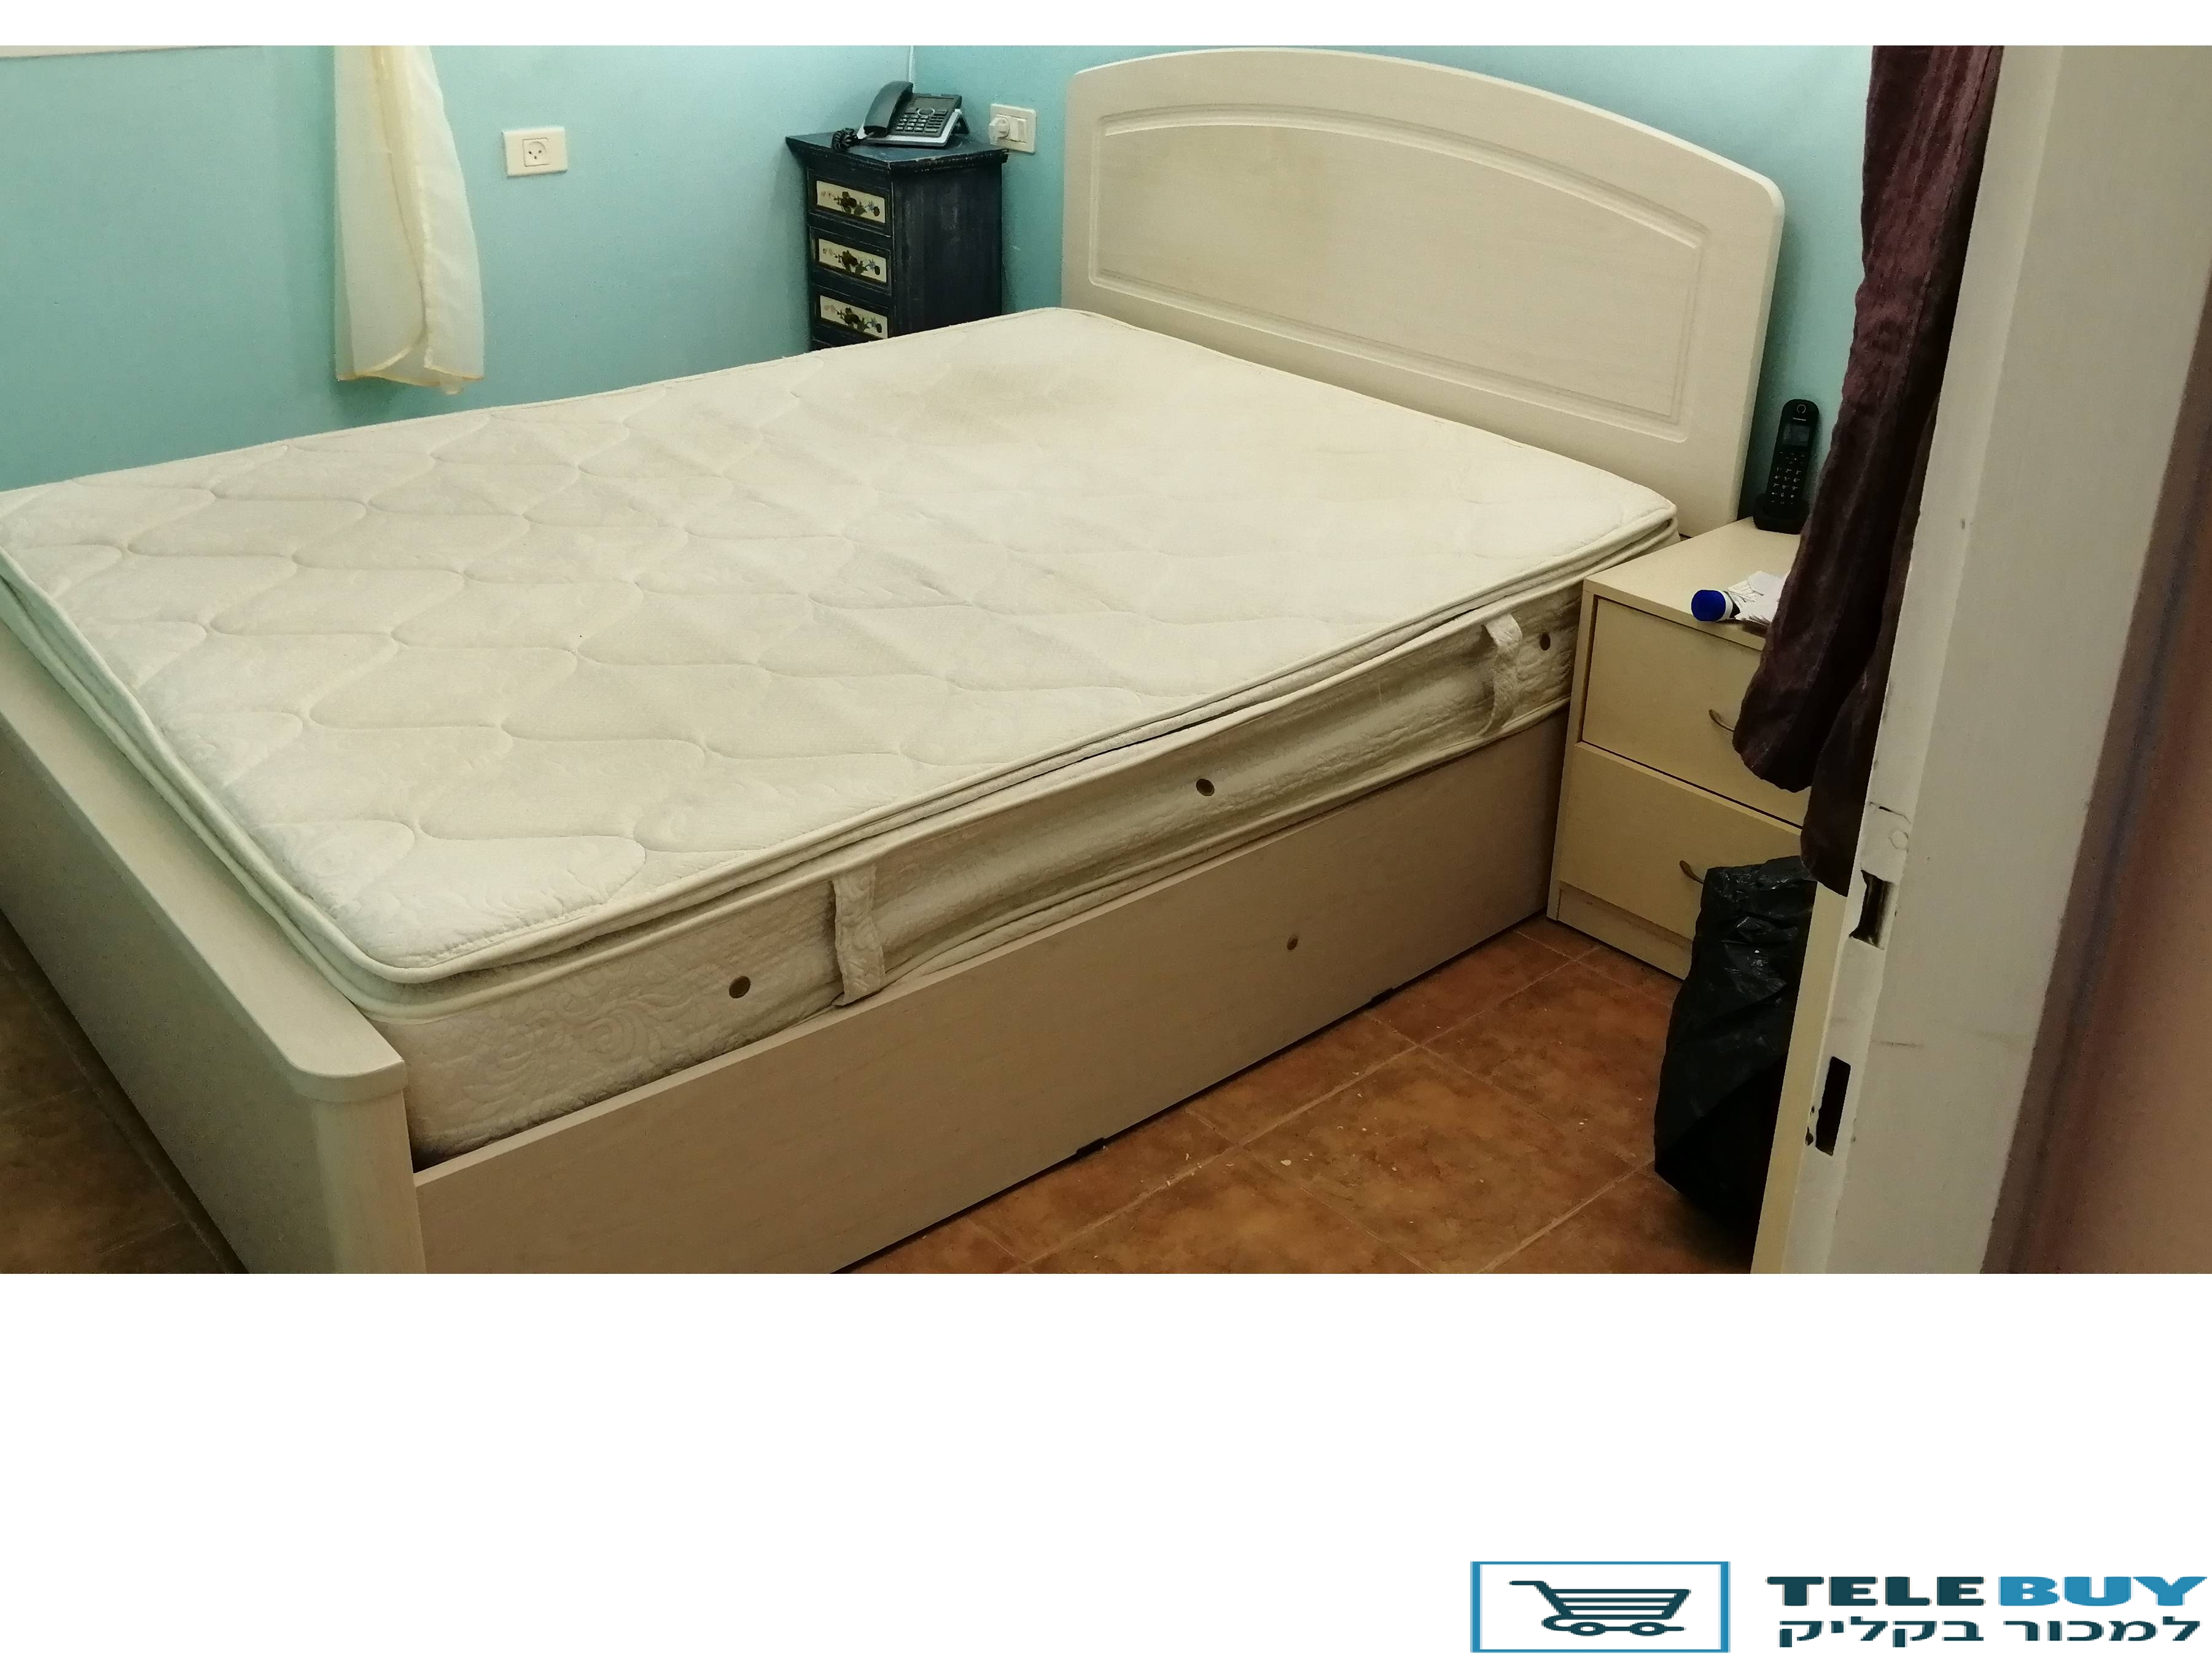 ריהוט מיטות   בחיפה